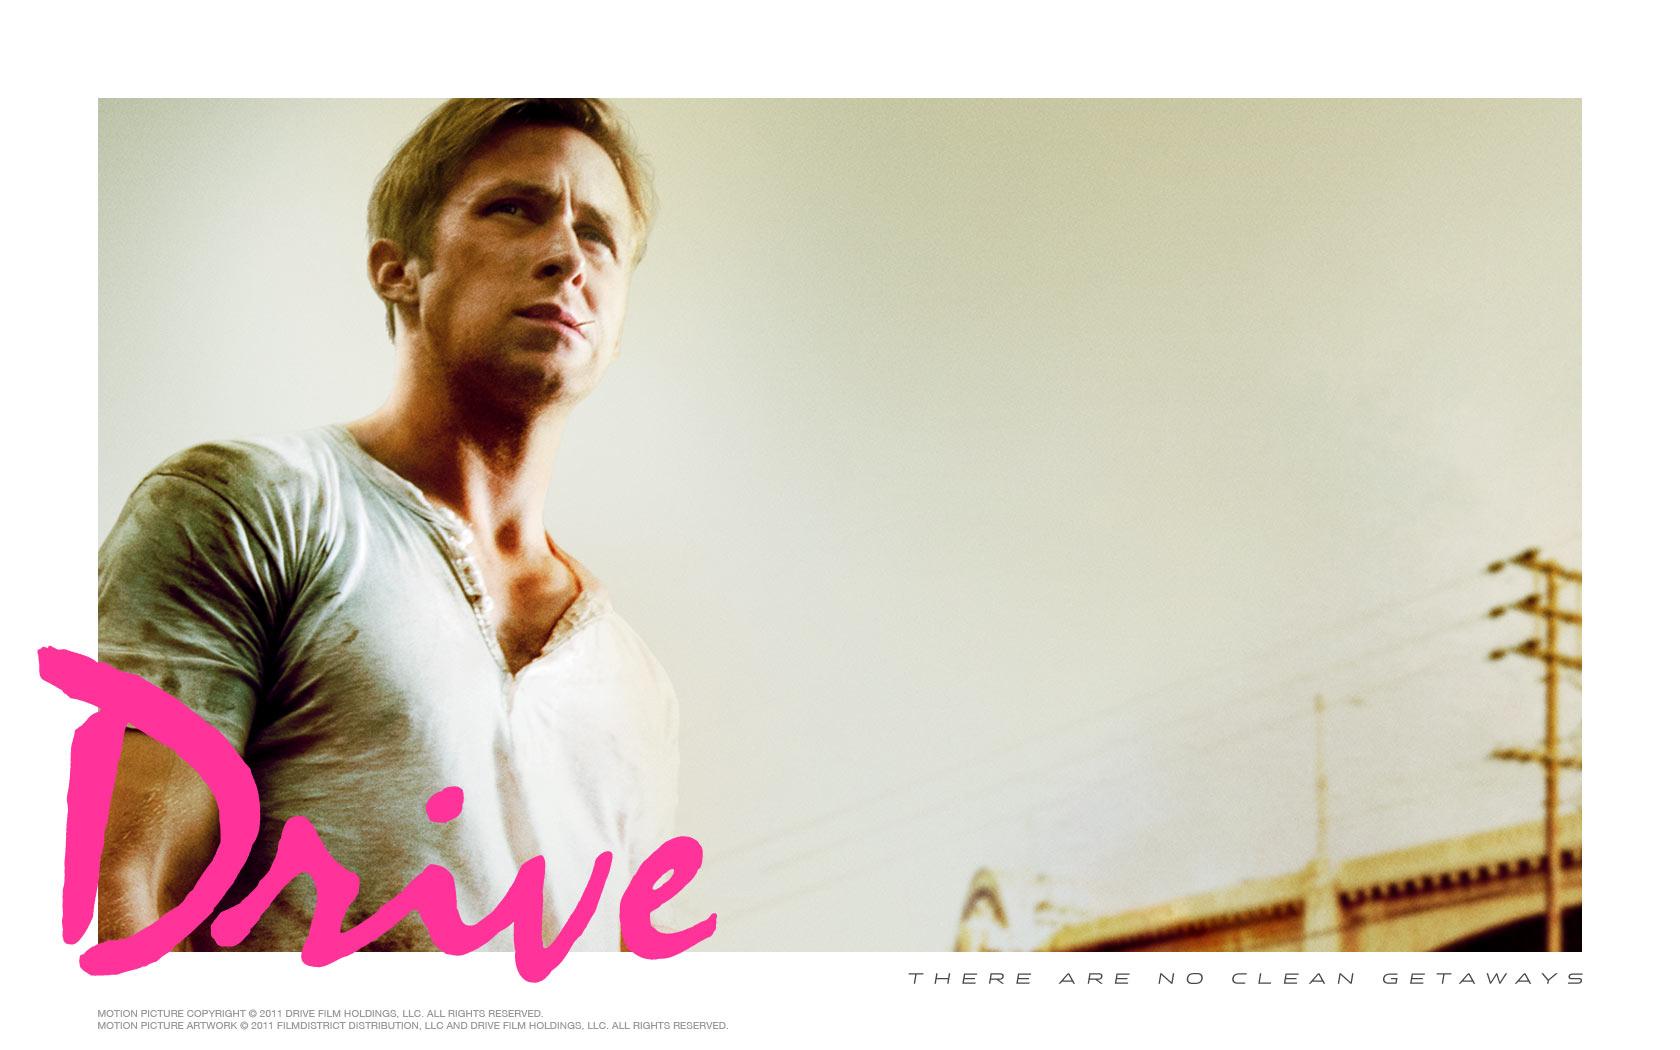 Ryan 小鹅, gosling, 高斯林 Drive 壁纸